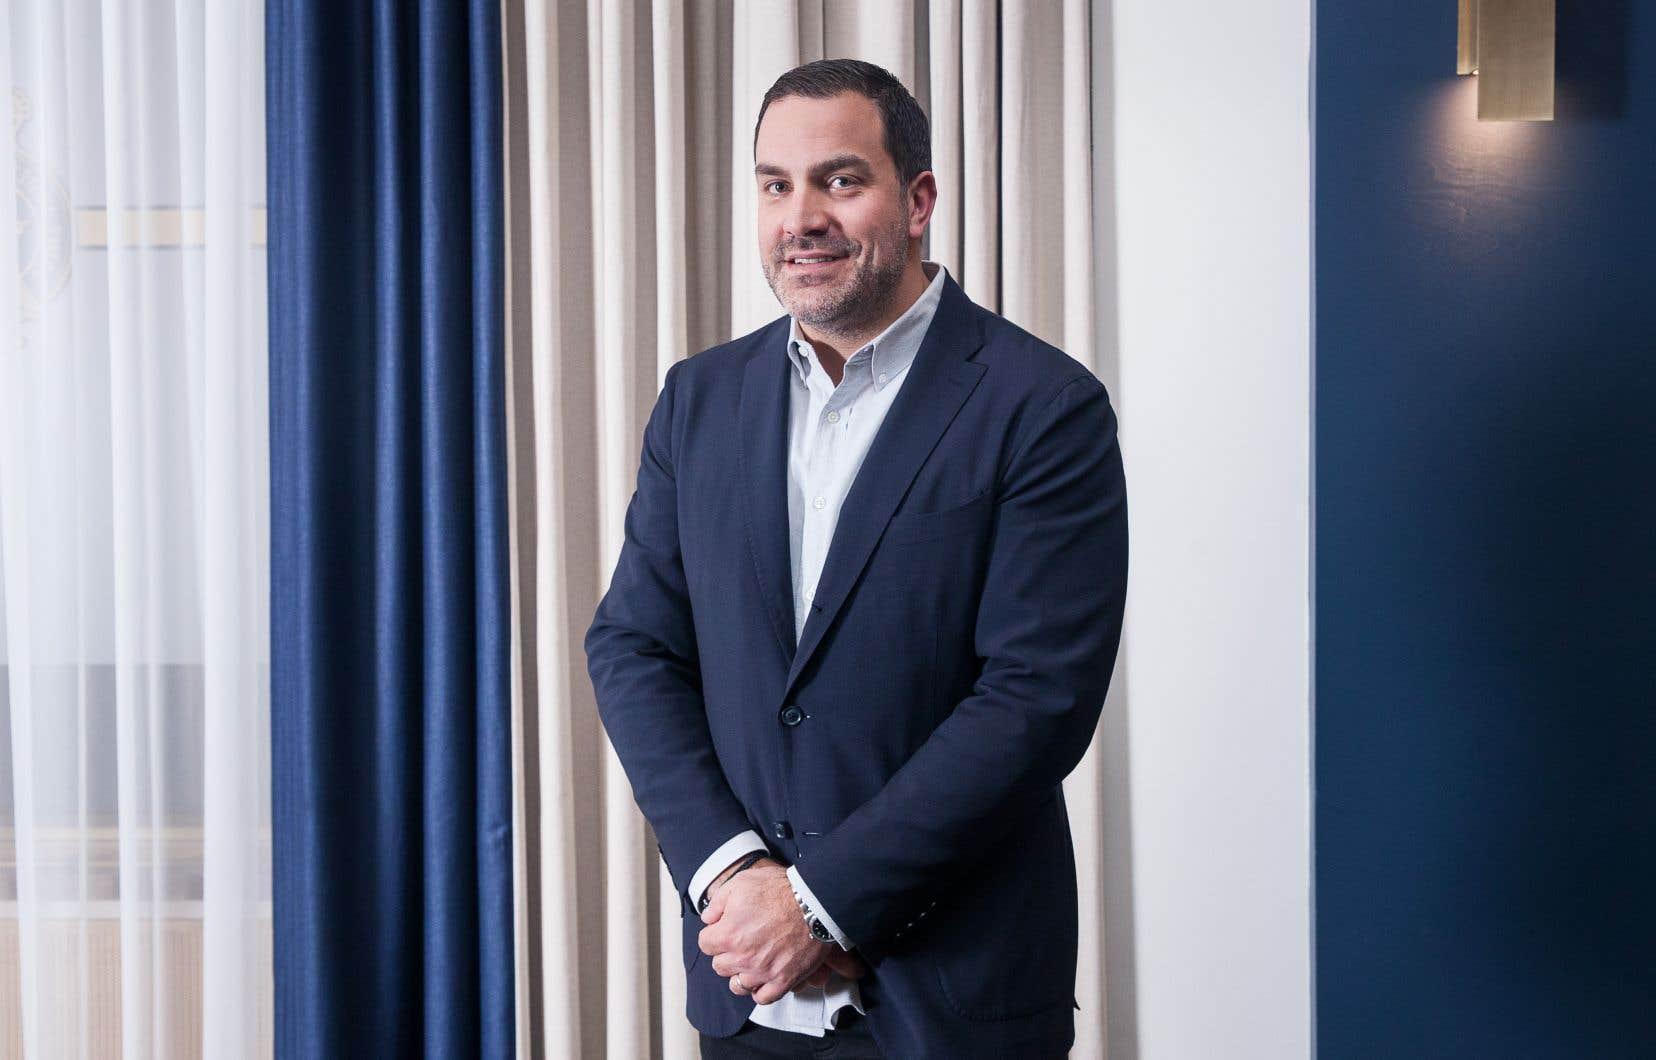 Philippe Archambault, qui dirige Audiogram depuis 2015, continuera d'œuvrer à titre de d.g. de la boîte. Il devient aussi vice-président musique du Groupe Sports et divertissement de Québecor.